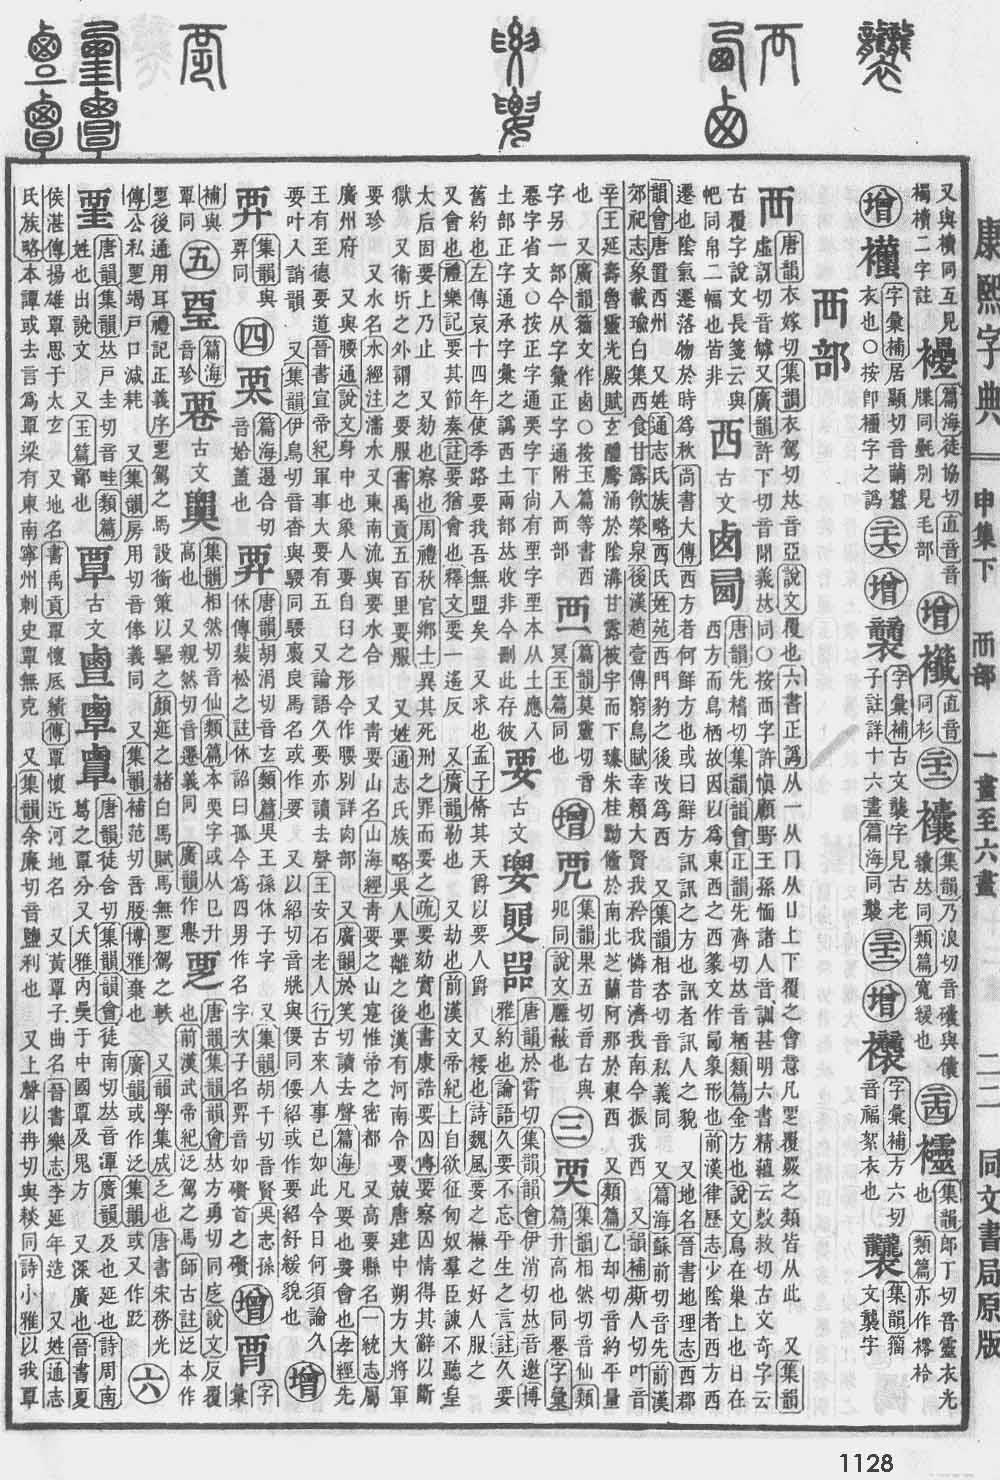 《康熙字典》第1128页